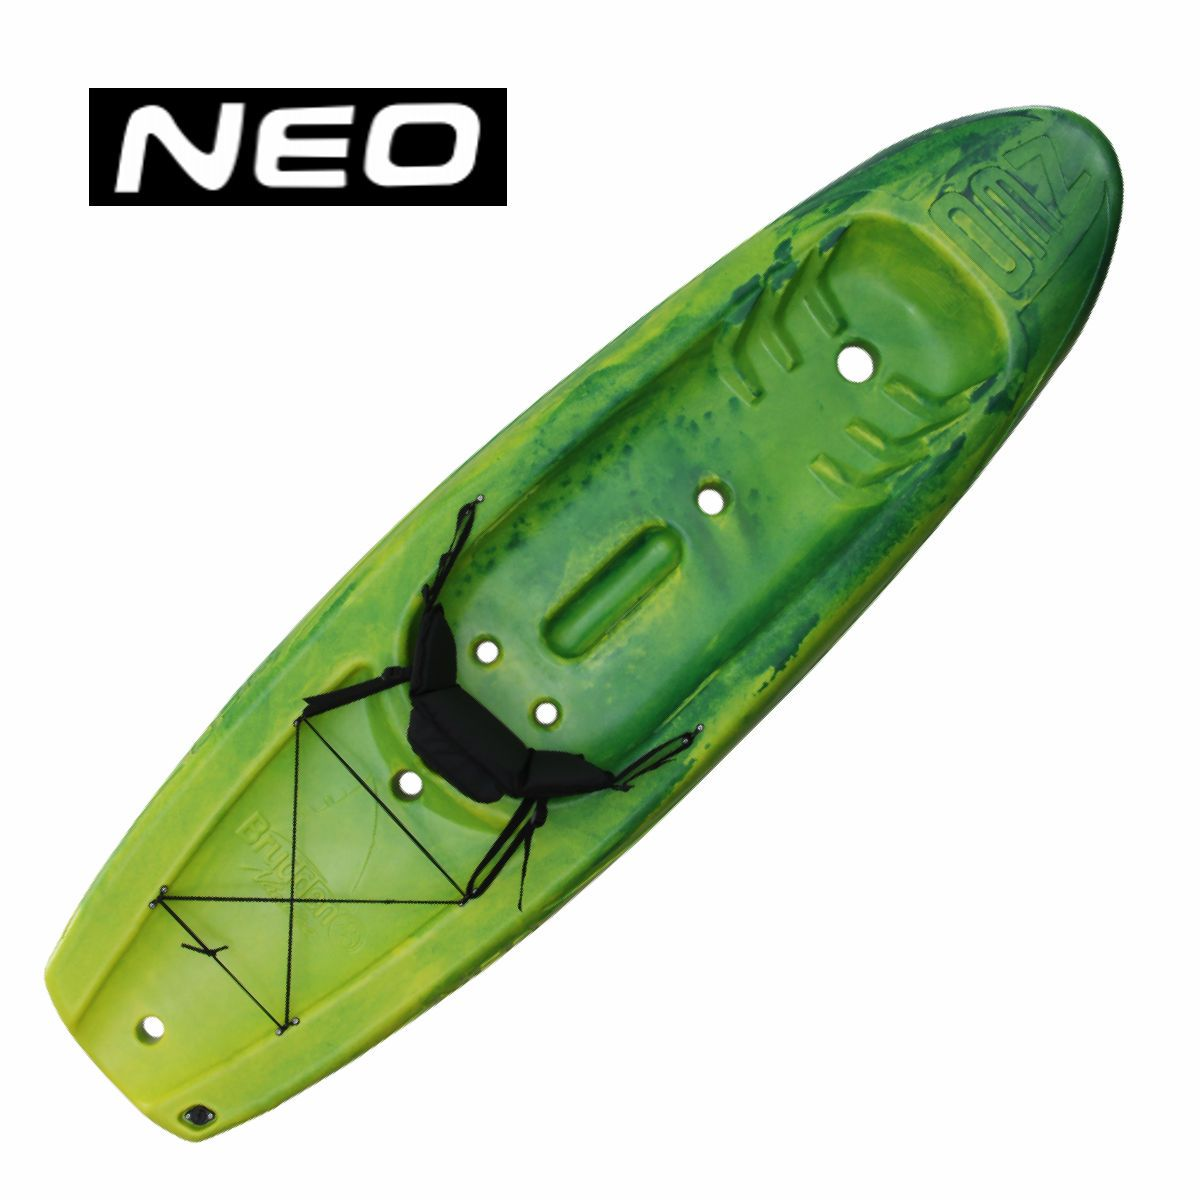 Caiaque Brudden NEO - Verde com Amarelo